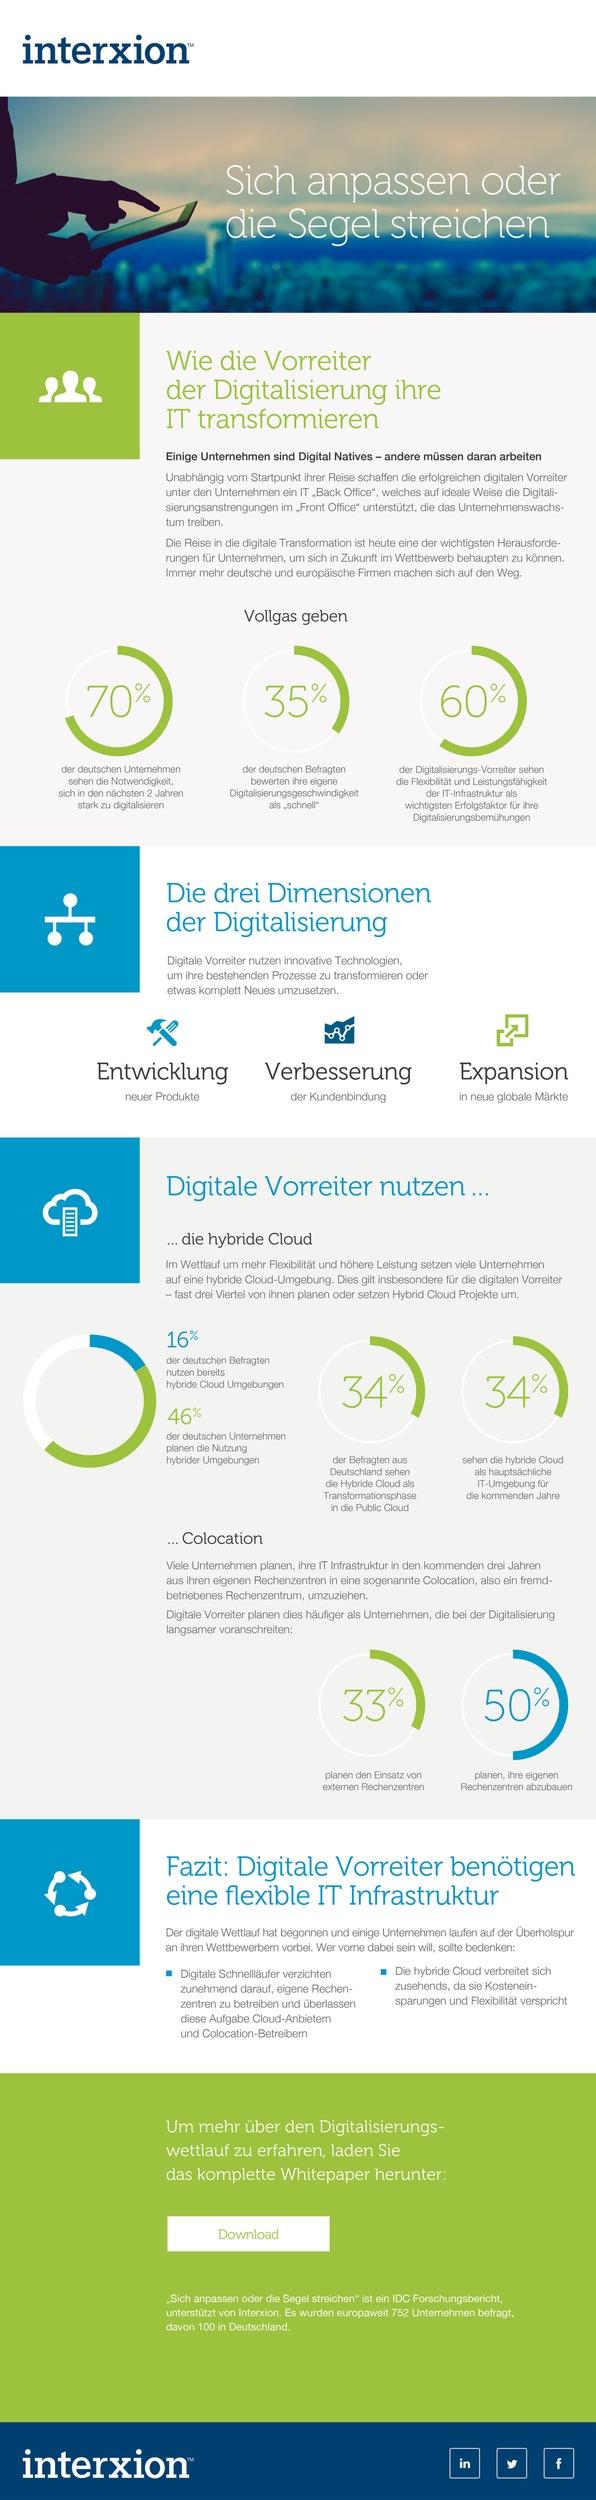 IDC Studie: Digitale Vorreiter nutzen Hybrid Cloud